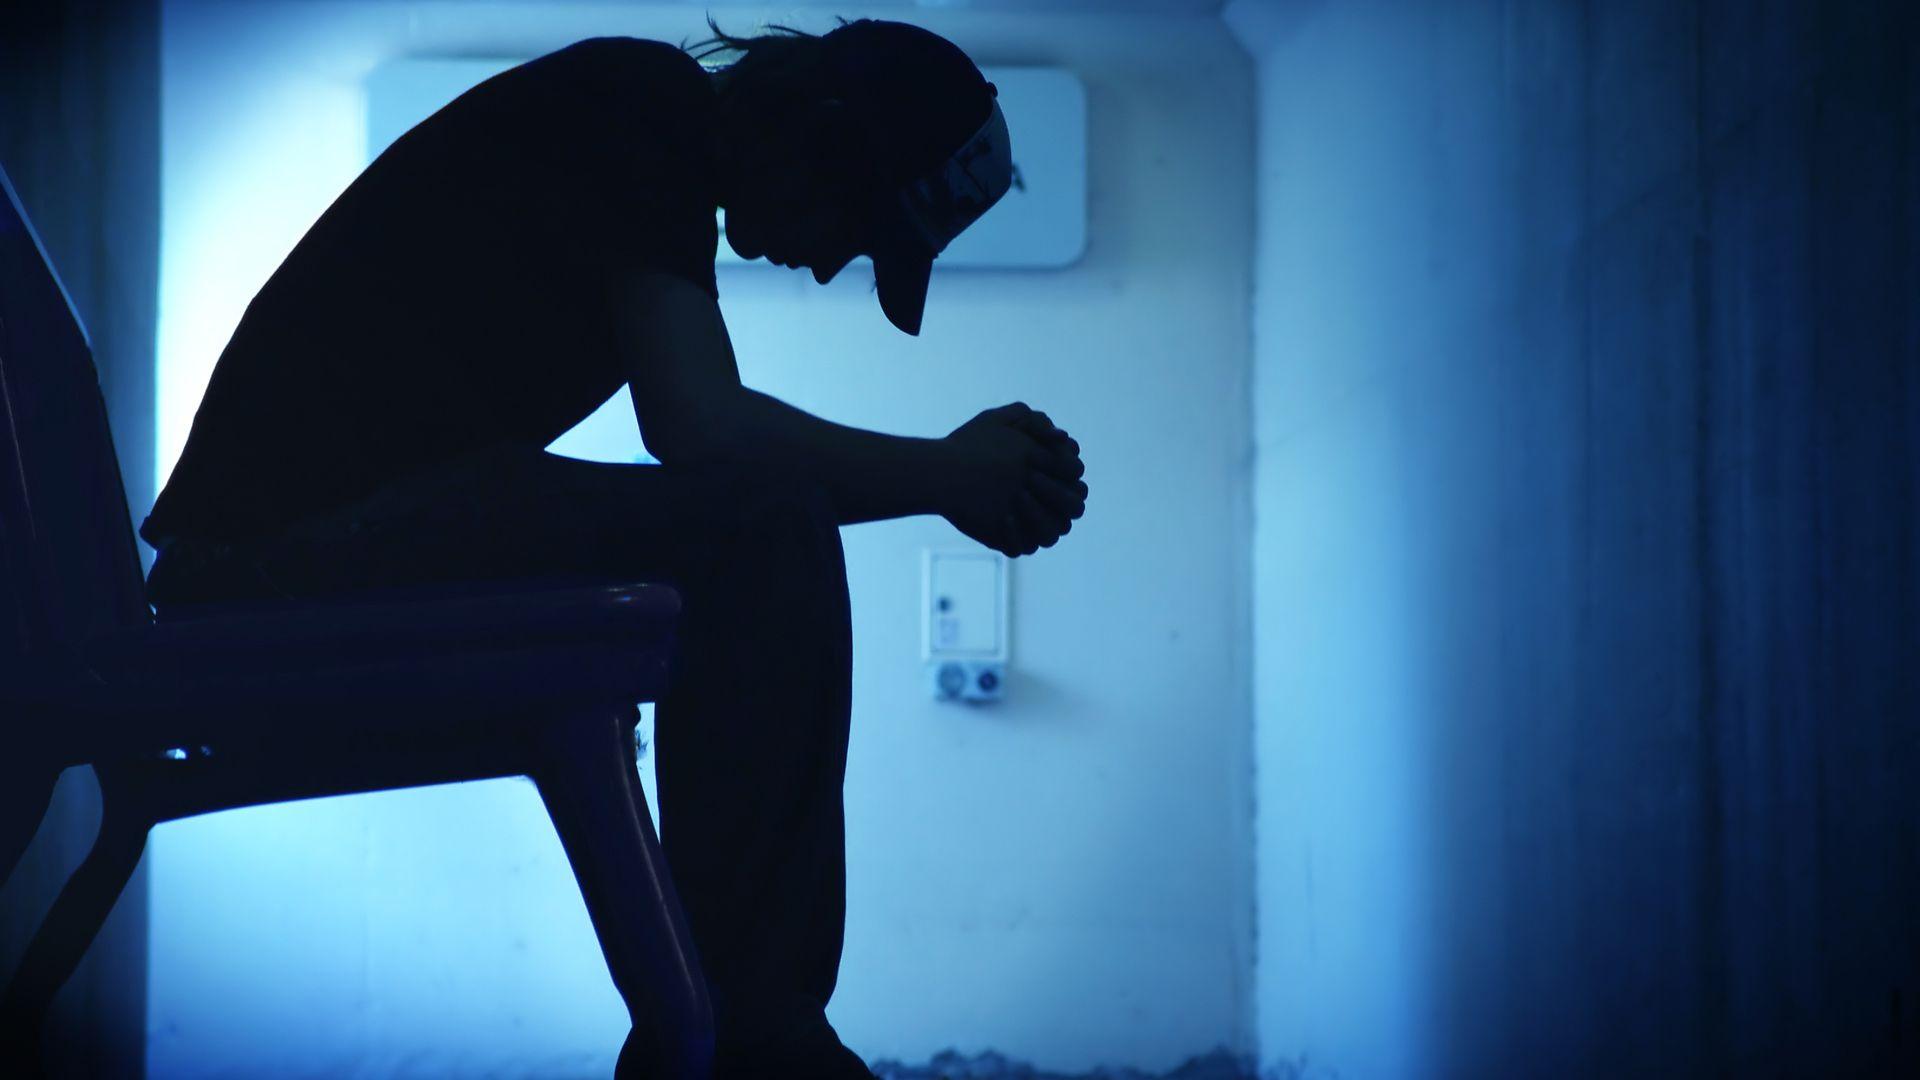 Síntomas neurológicos y psicológicos aparecen cada vez con más frecuencia en casos leves por COVID-19 (Foto: iStock)